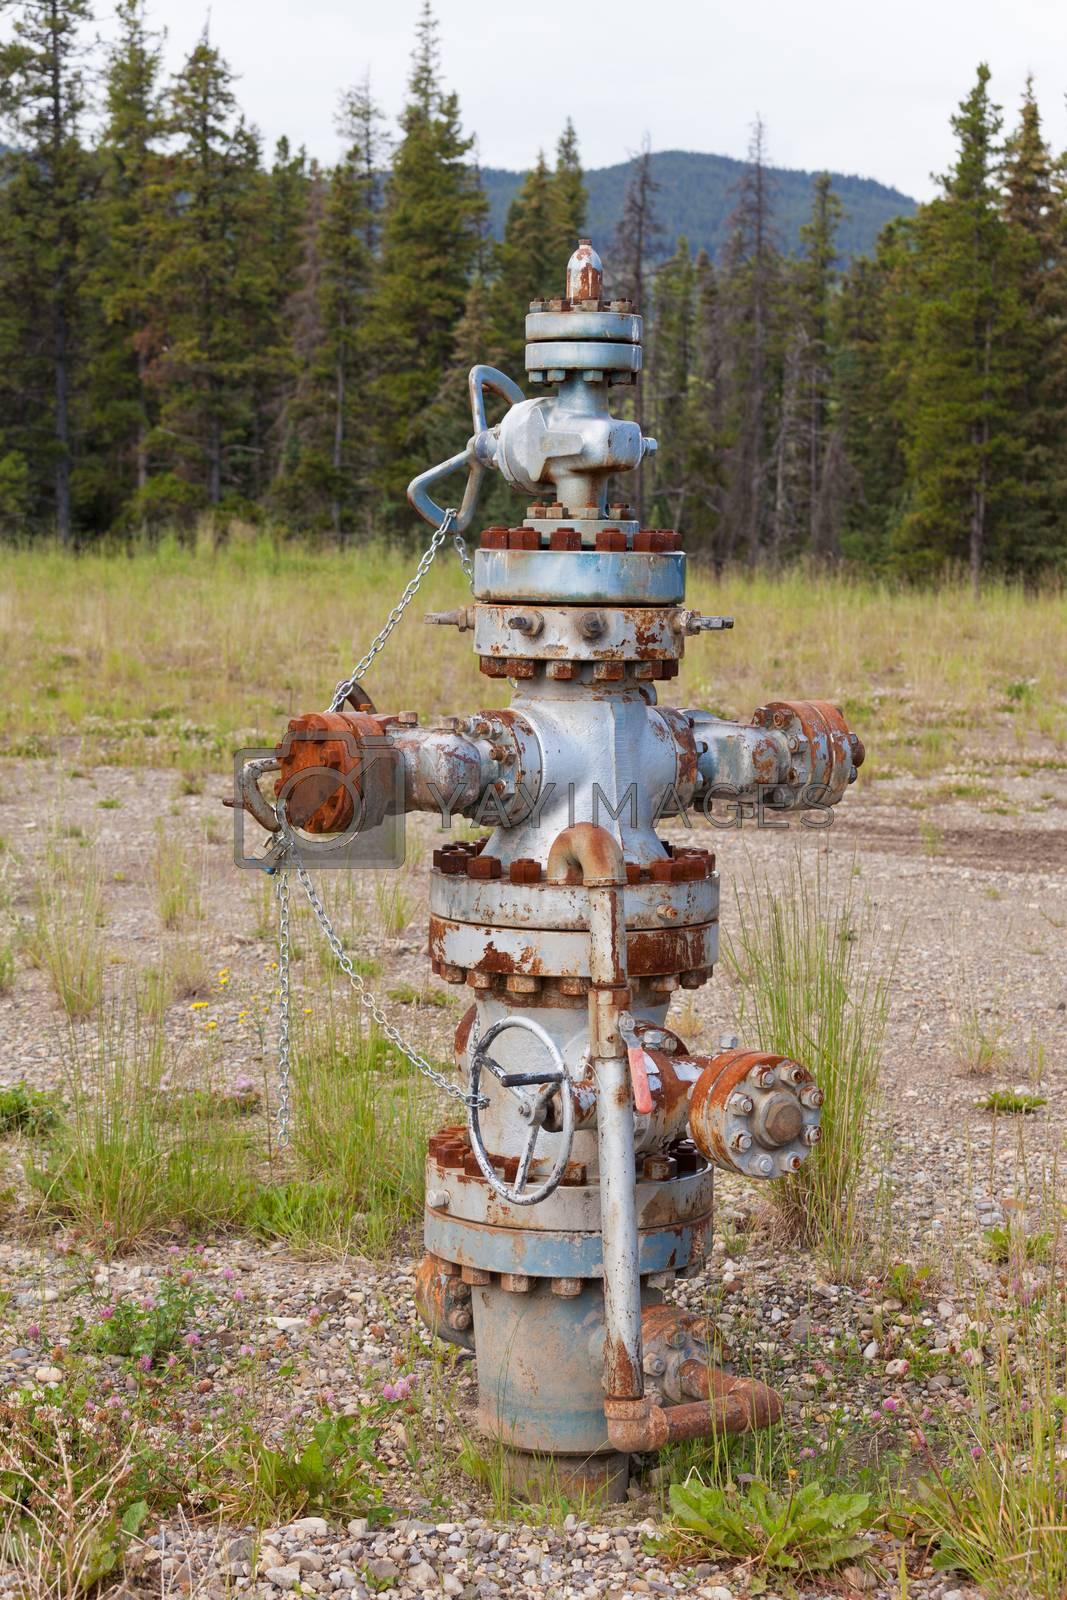 Oil gas industry wellhead flange gear locked shut by PiLens